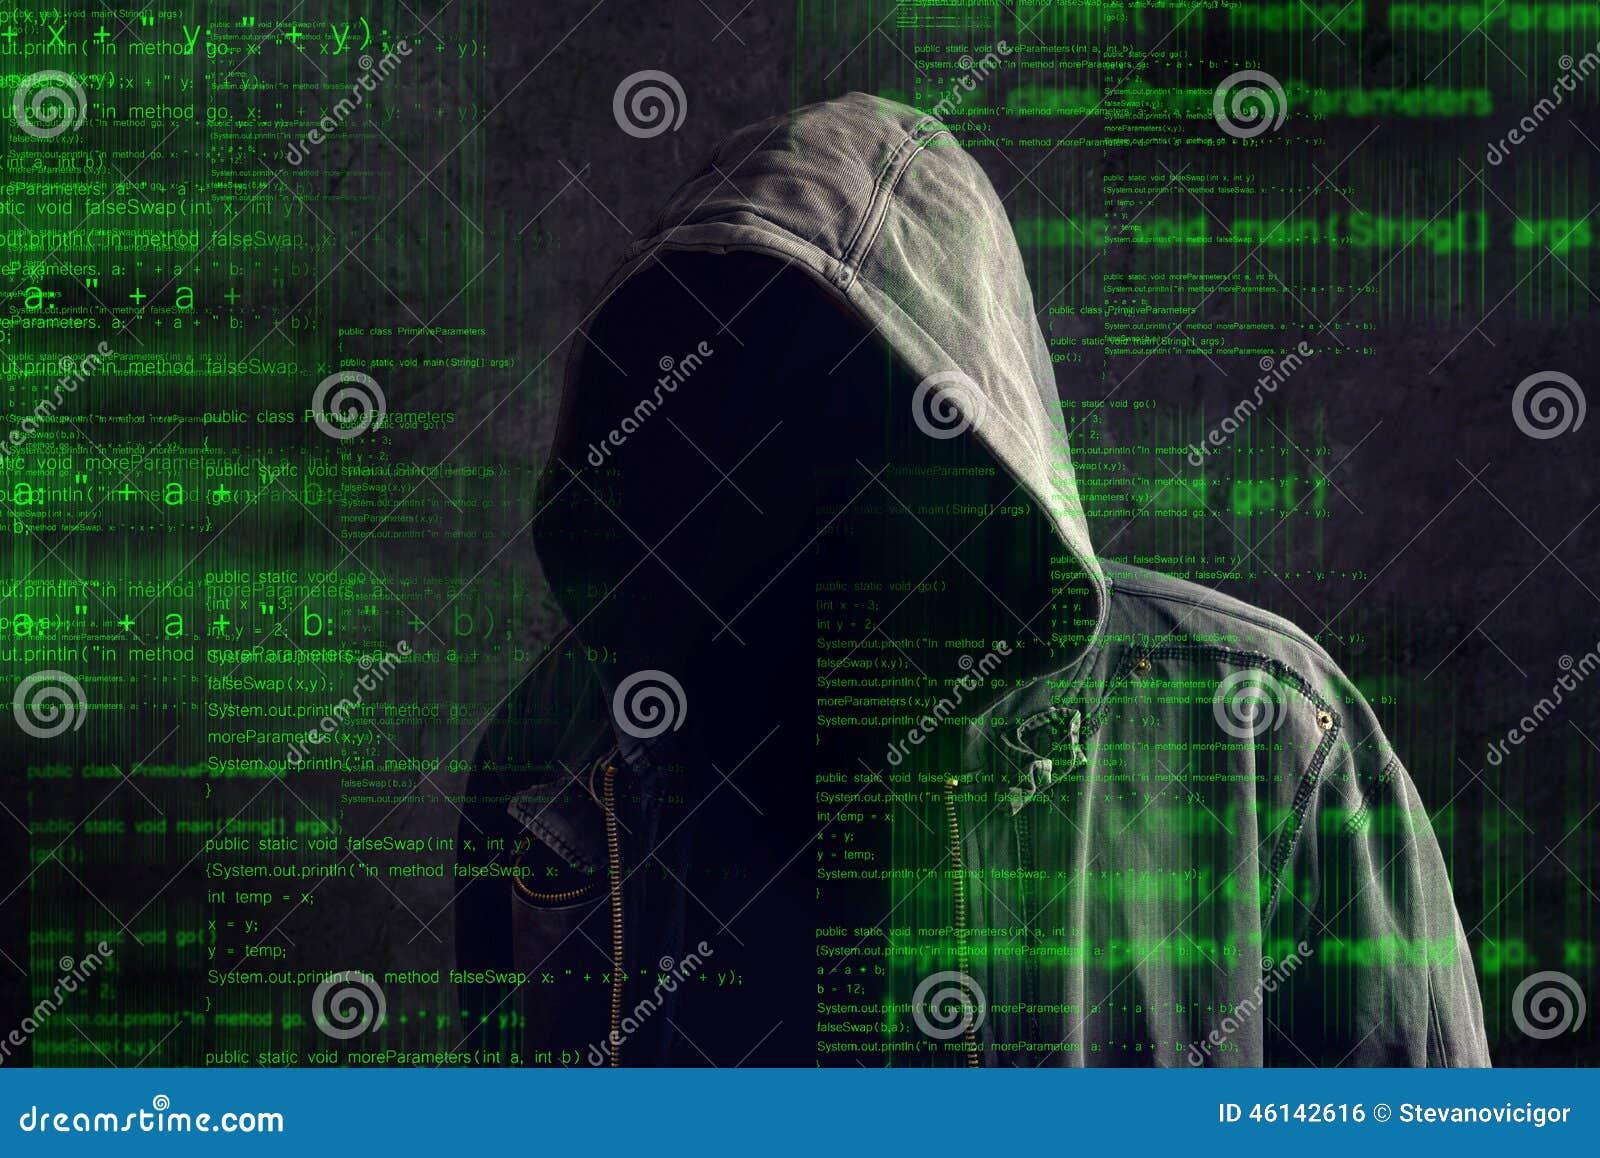 Безликий с капюшоном анонимный компьютерный хакер